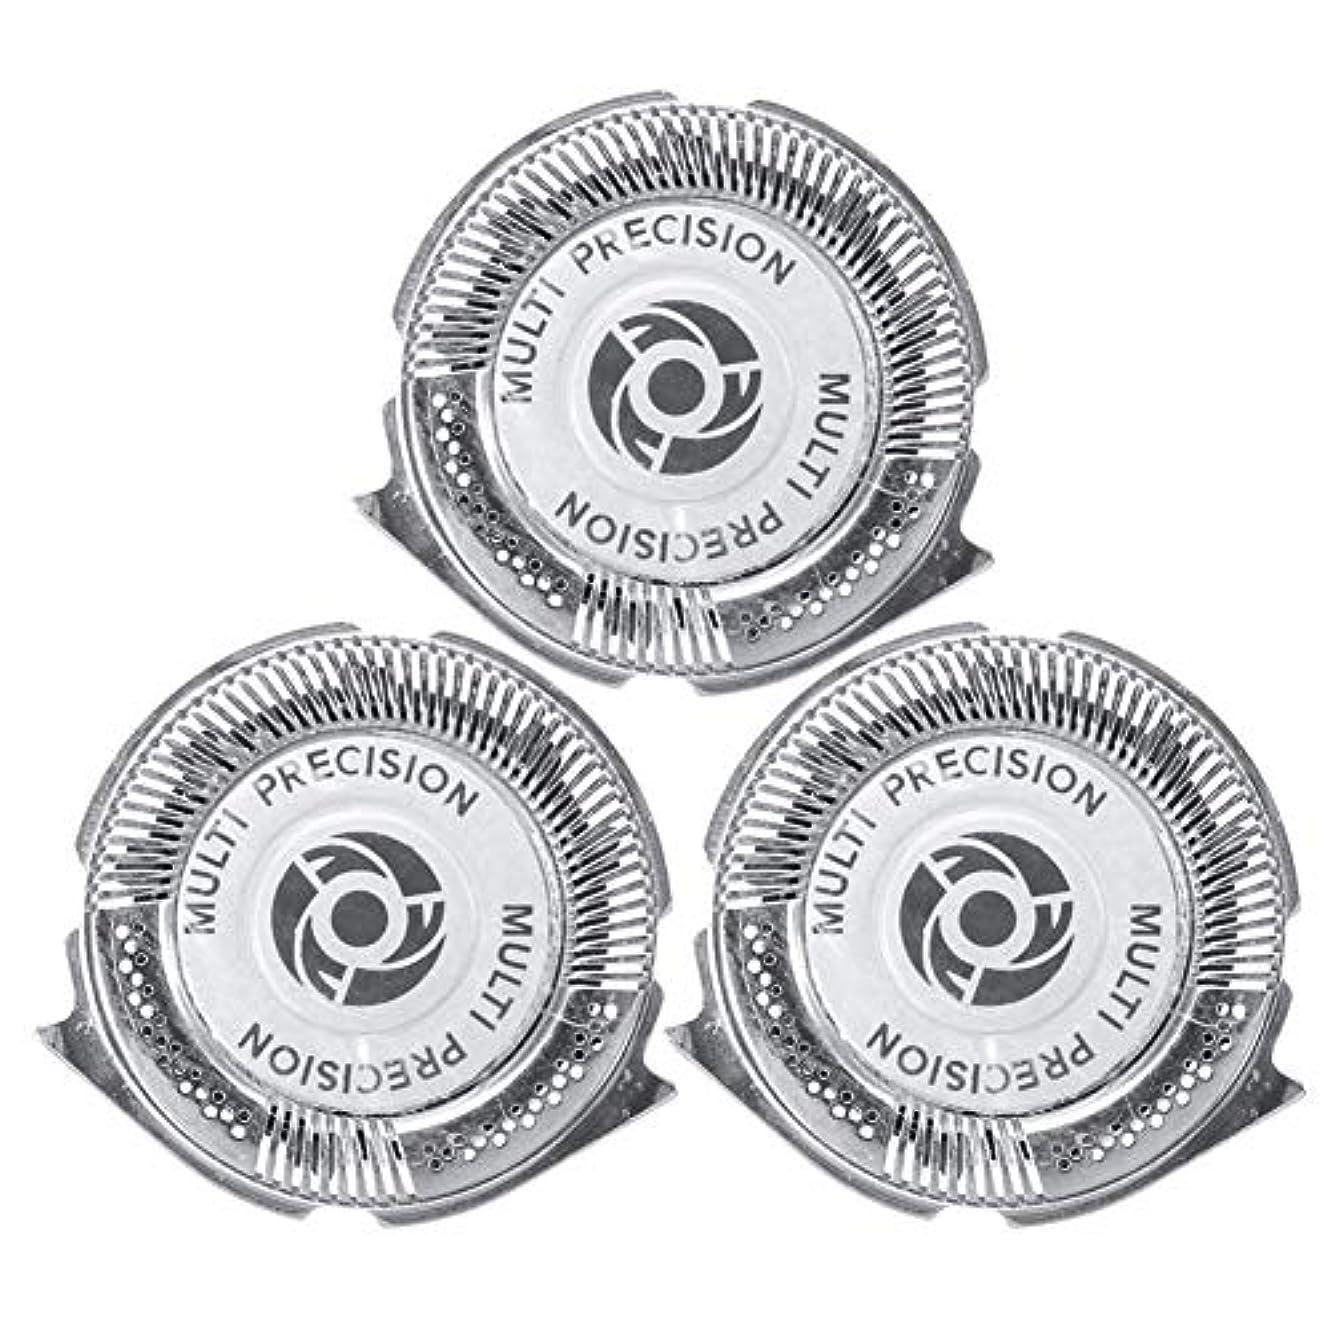 細菌限られたネクタイシェーバー ヘッド 替刃 シェーバーカミソリヘッド交換替え刃 替刃3個入り Philips Series 5000 Shaver SH50/51/52 HQ8に適用